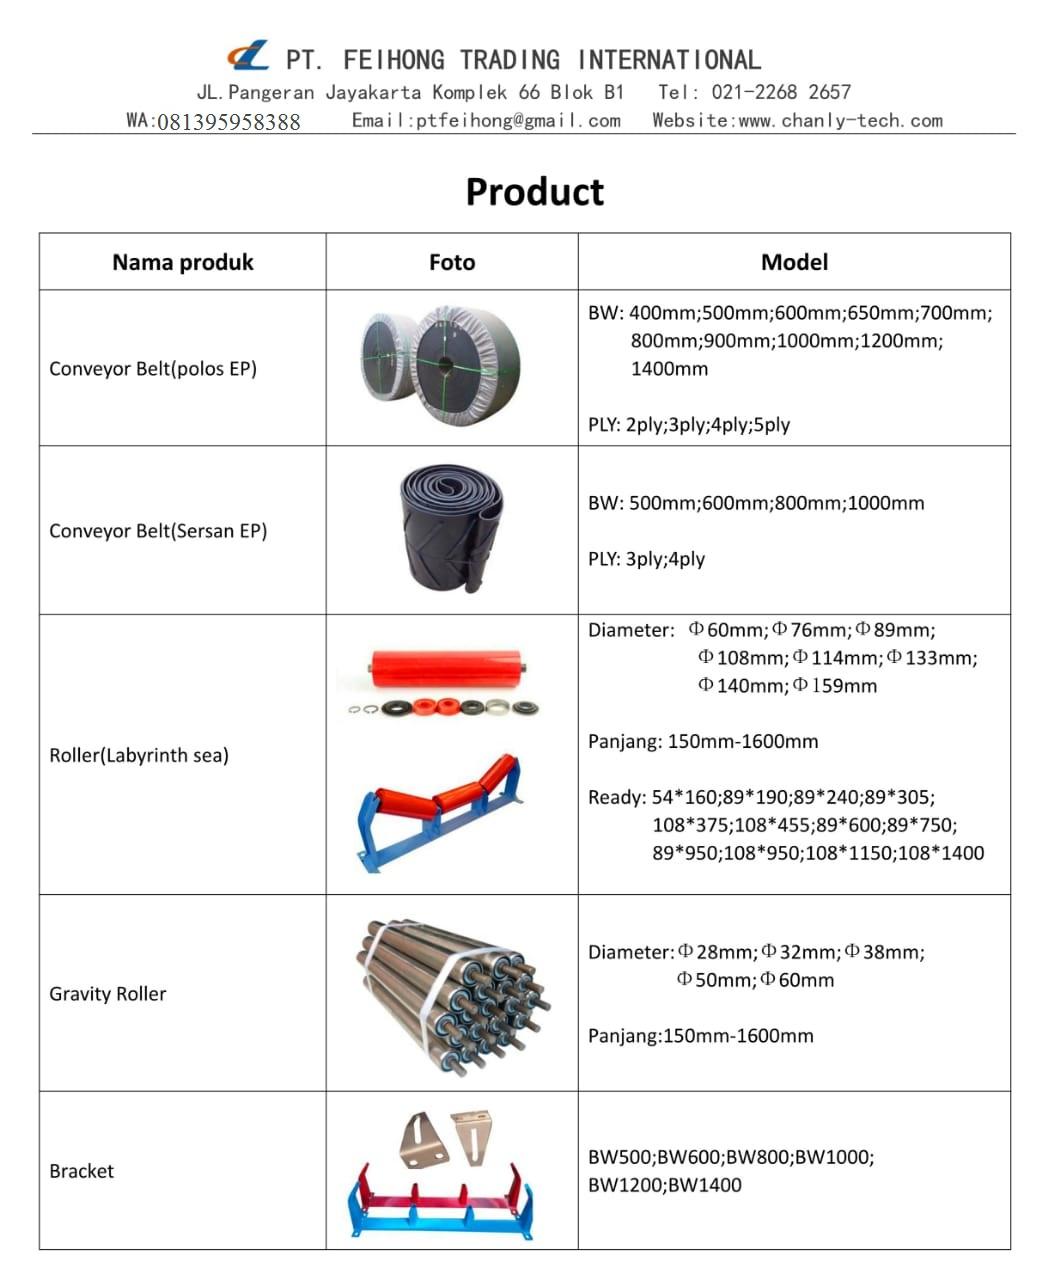 Katalog product